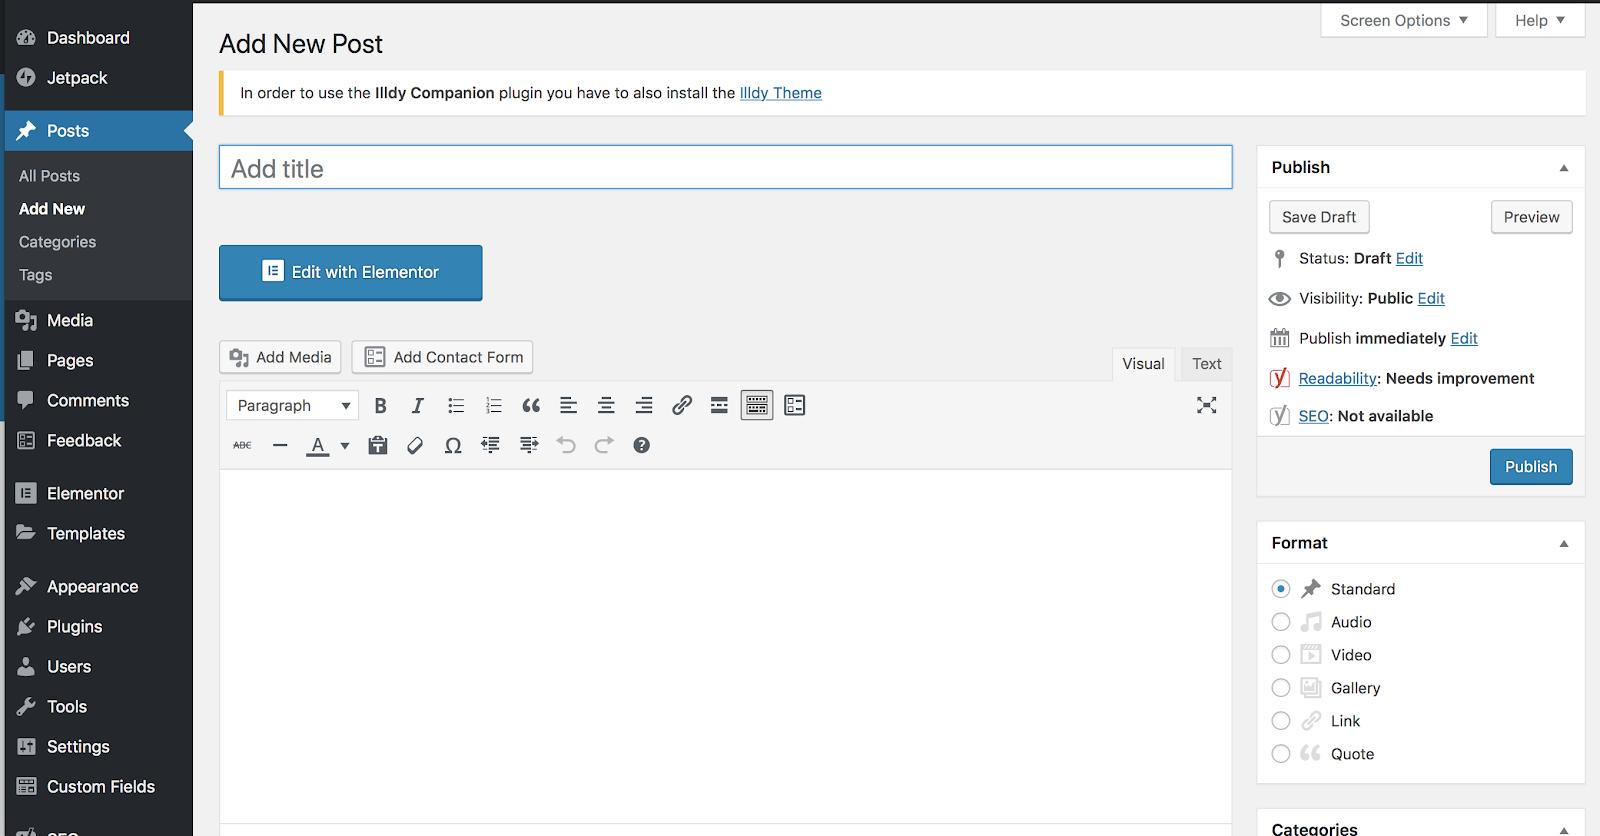 Dónde crear nuevas publicaciones usando WordPress como una plataforma de blogs gratuita